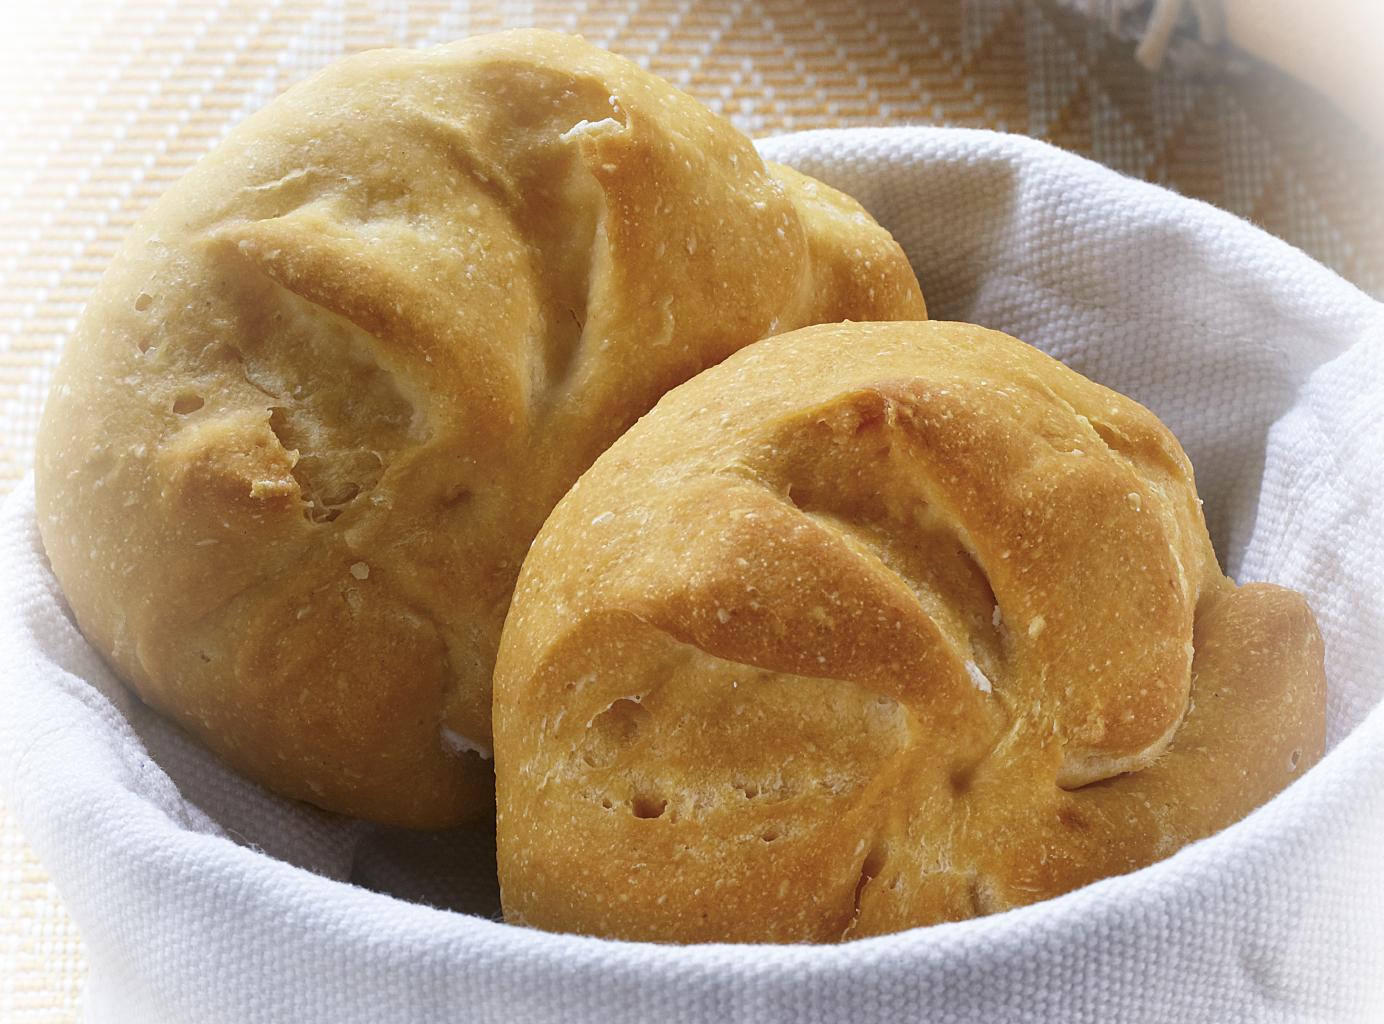 VIENES PANINI gluten-free from Proceli